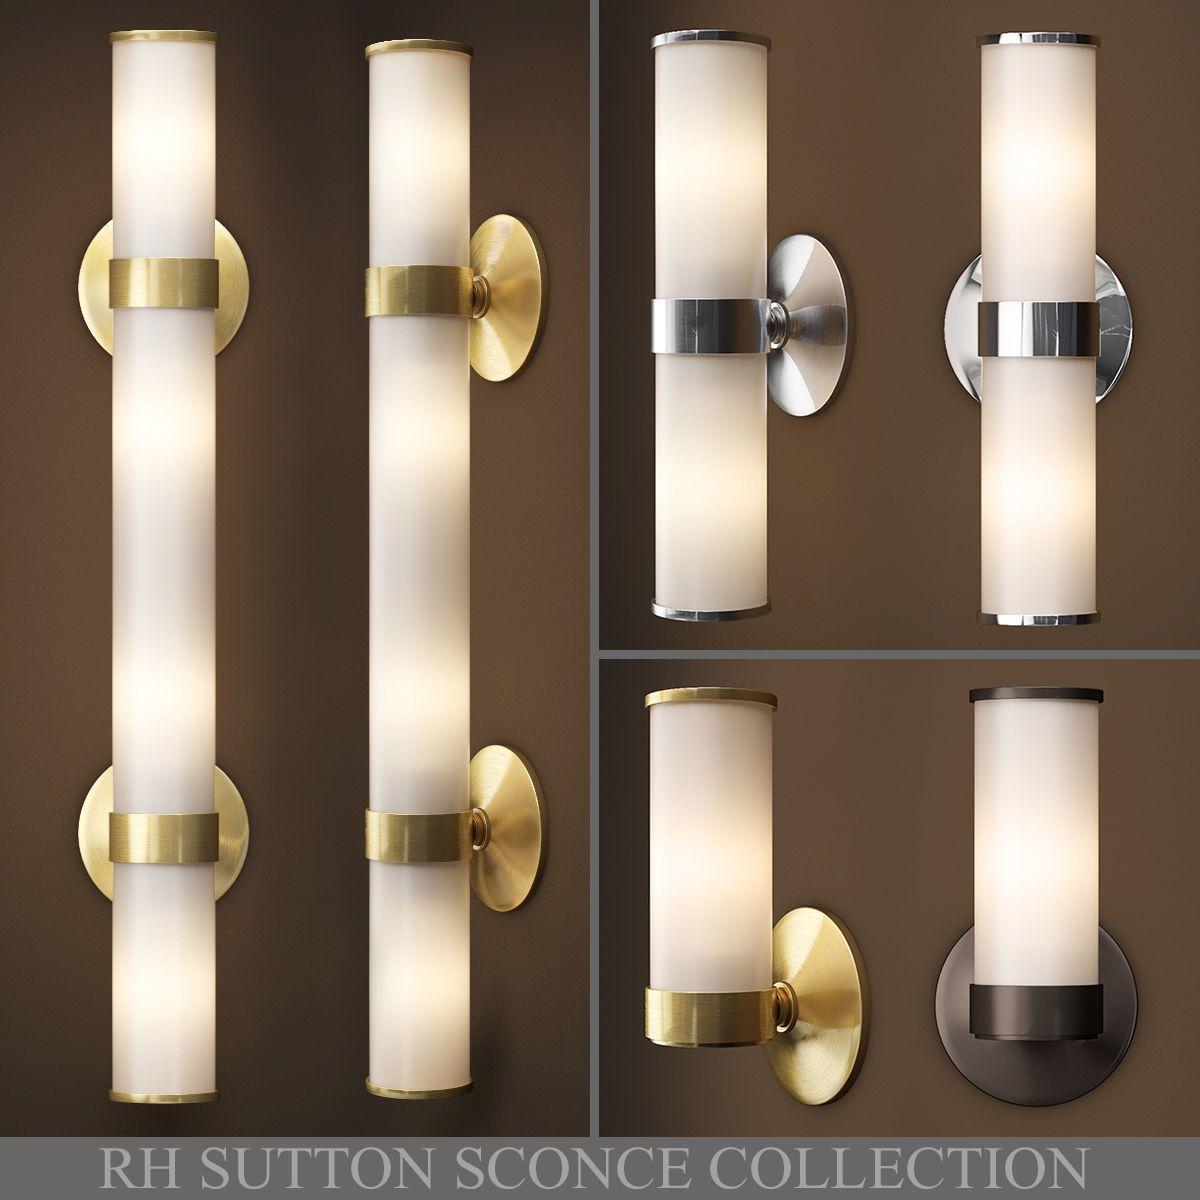 rh sutton sconce collection 3d model max obj 3ds fbx mtl mat